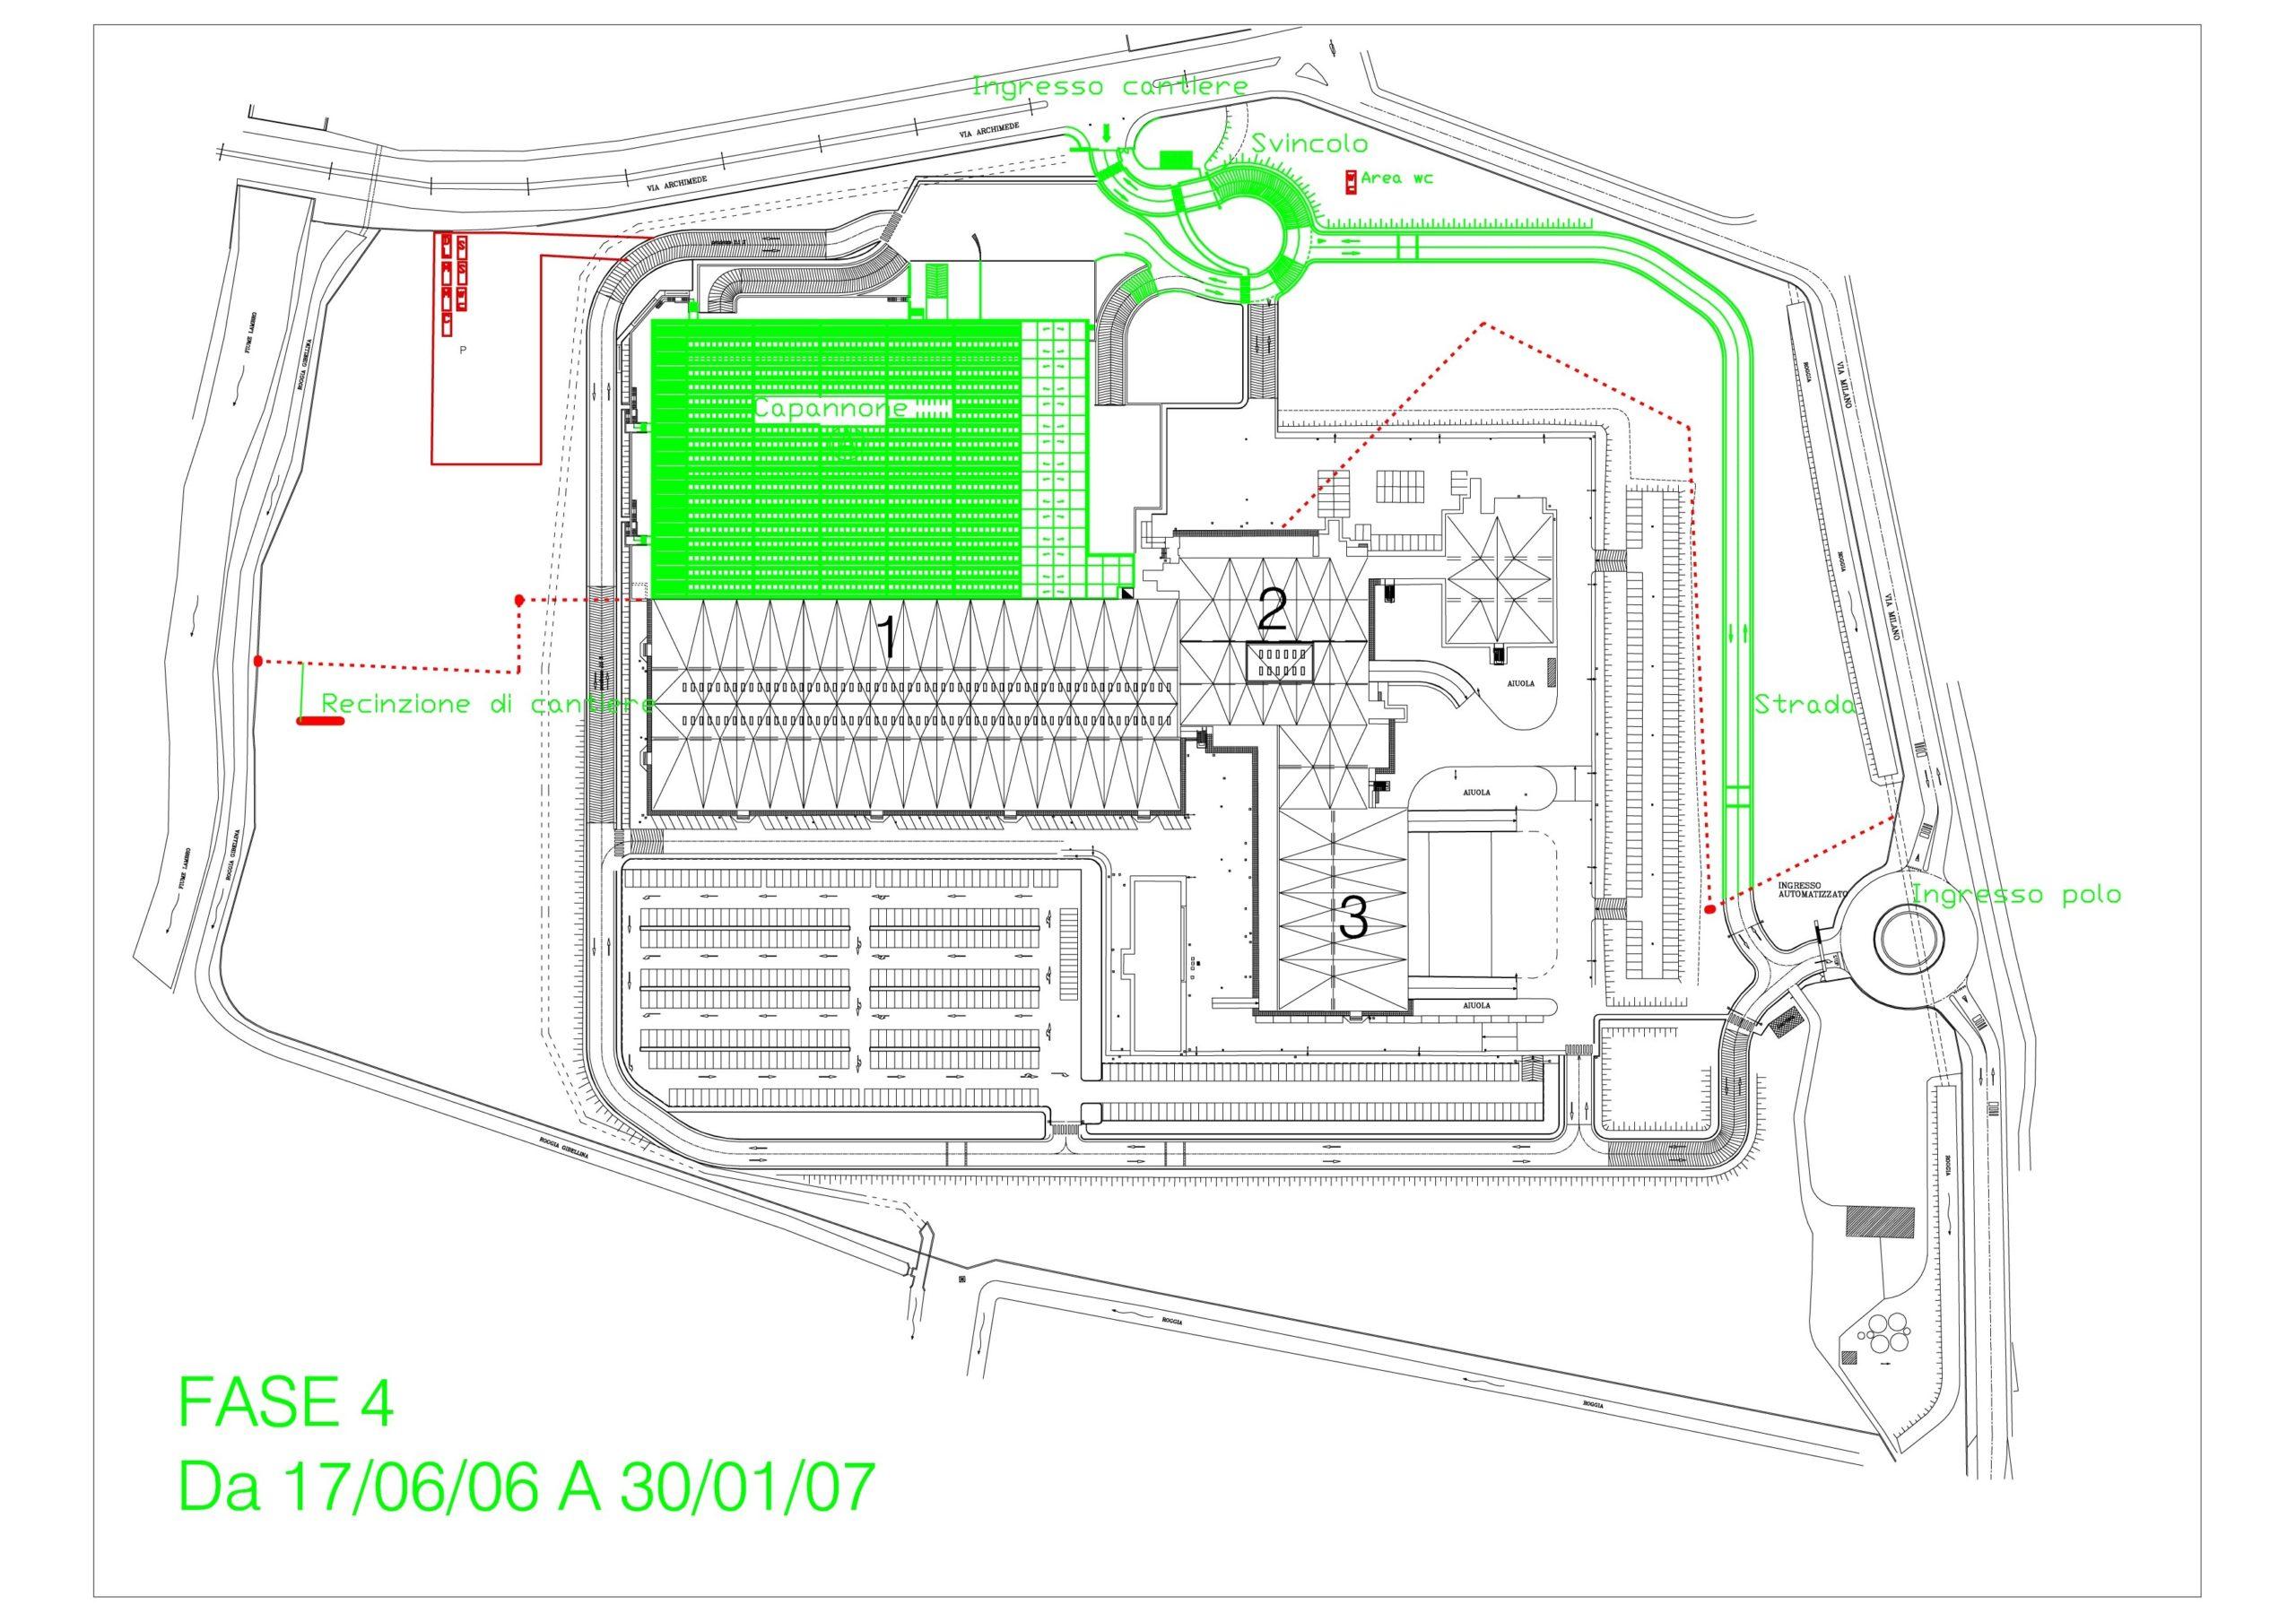 2. Elaborato grafico individuazione interventi Fase 4 con layout di cantiere, ubicazione capannone previo sbancamento, recinzione, parcheggio, collegamento stradale all'accesso di cantiere: stato di progetto.